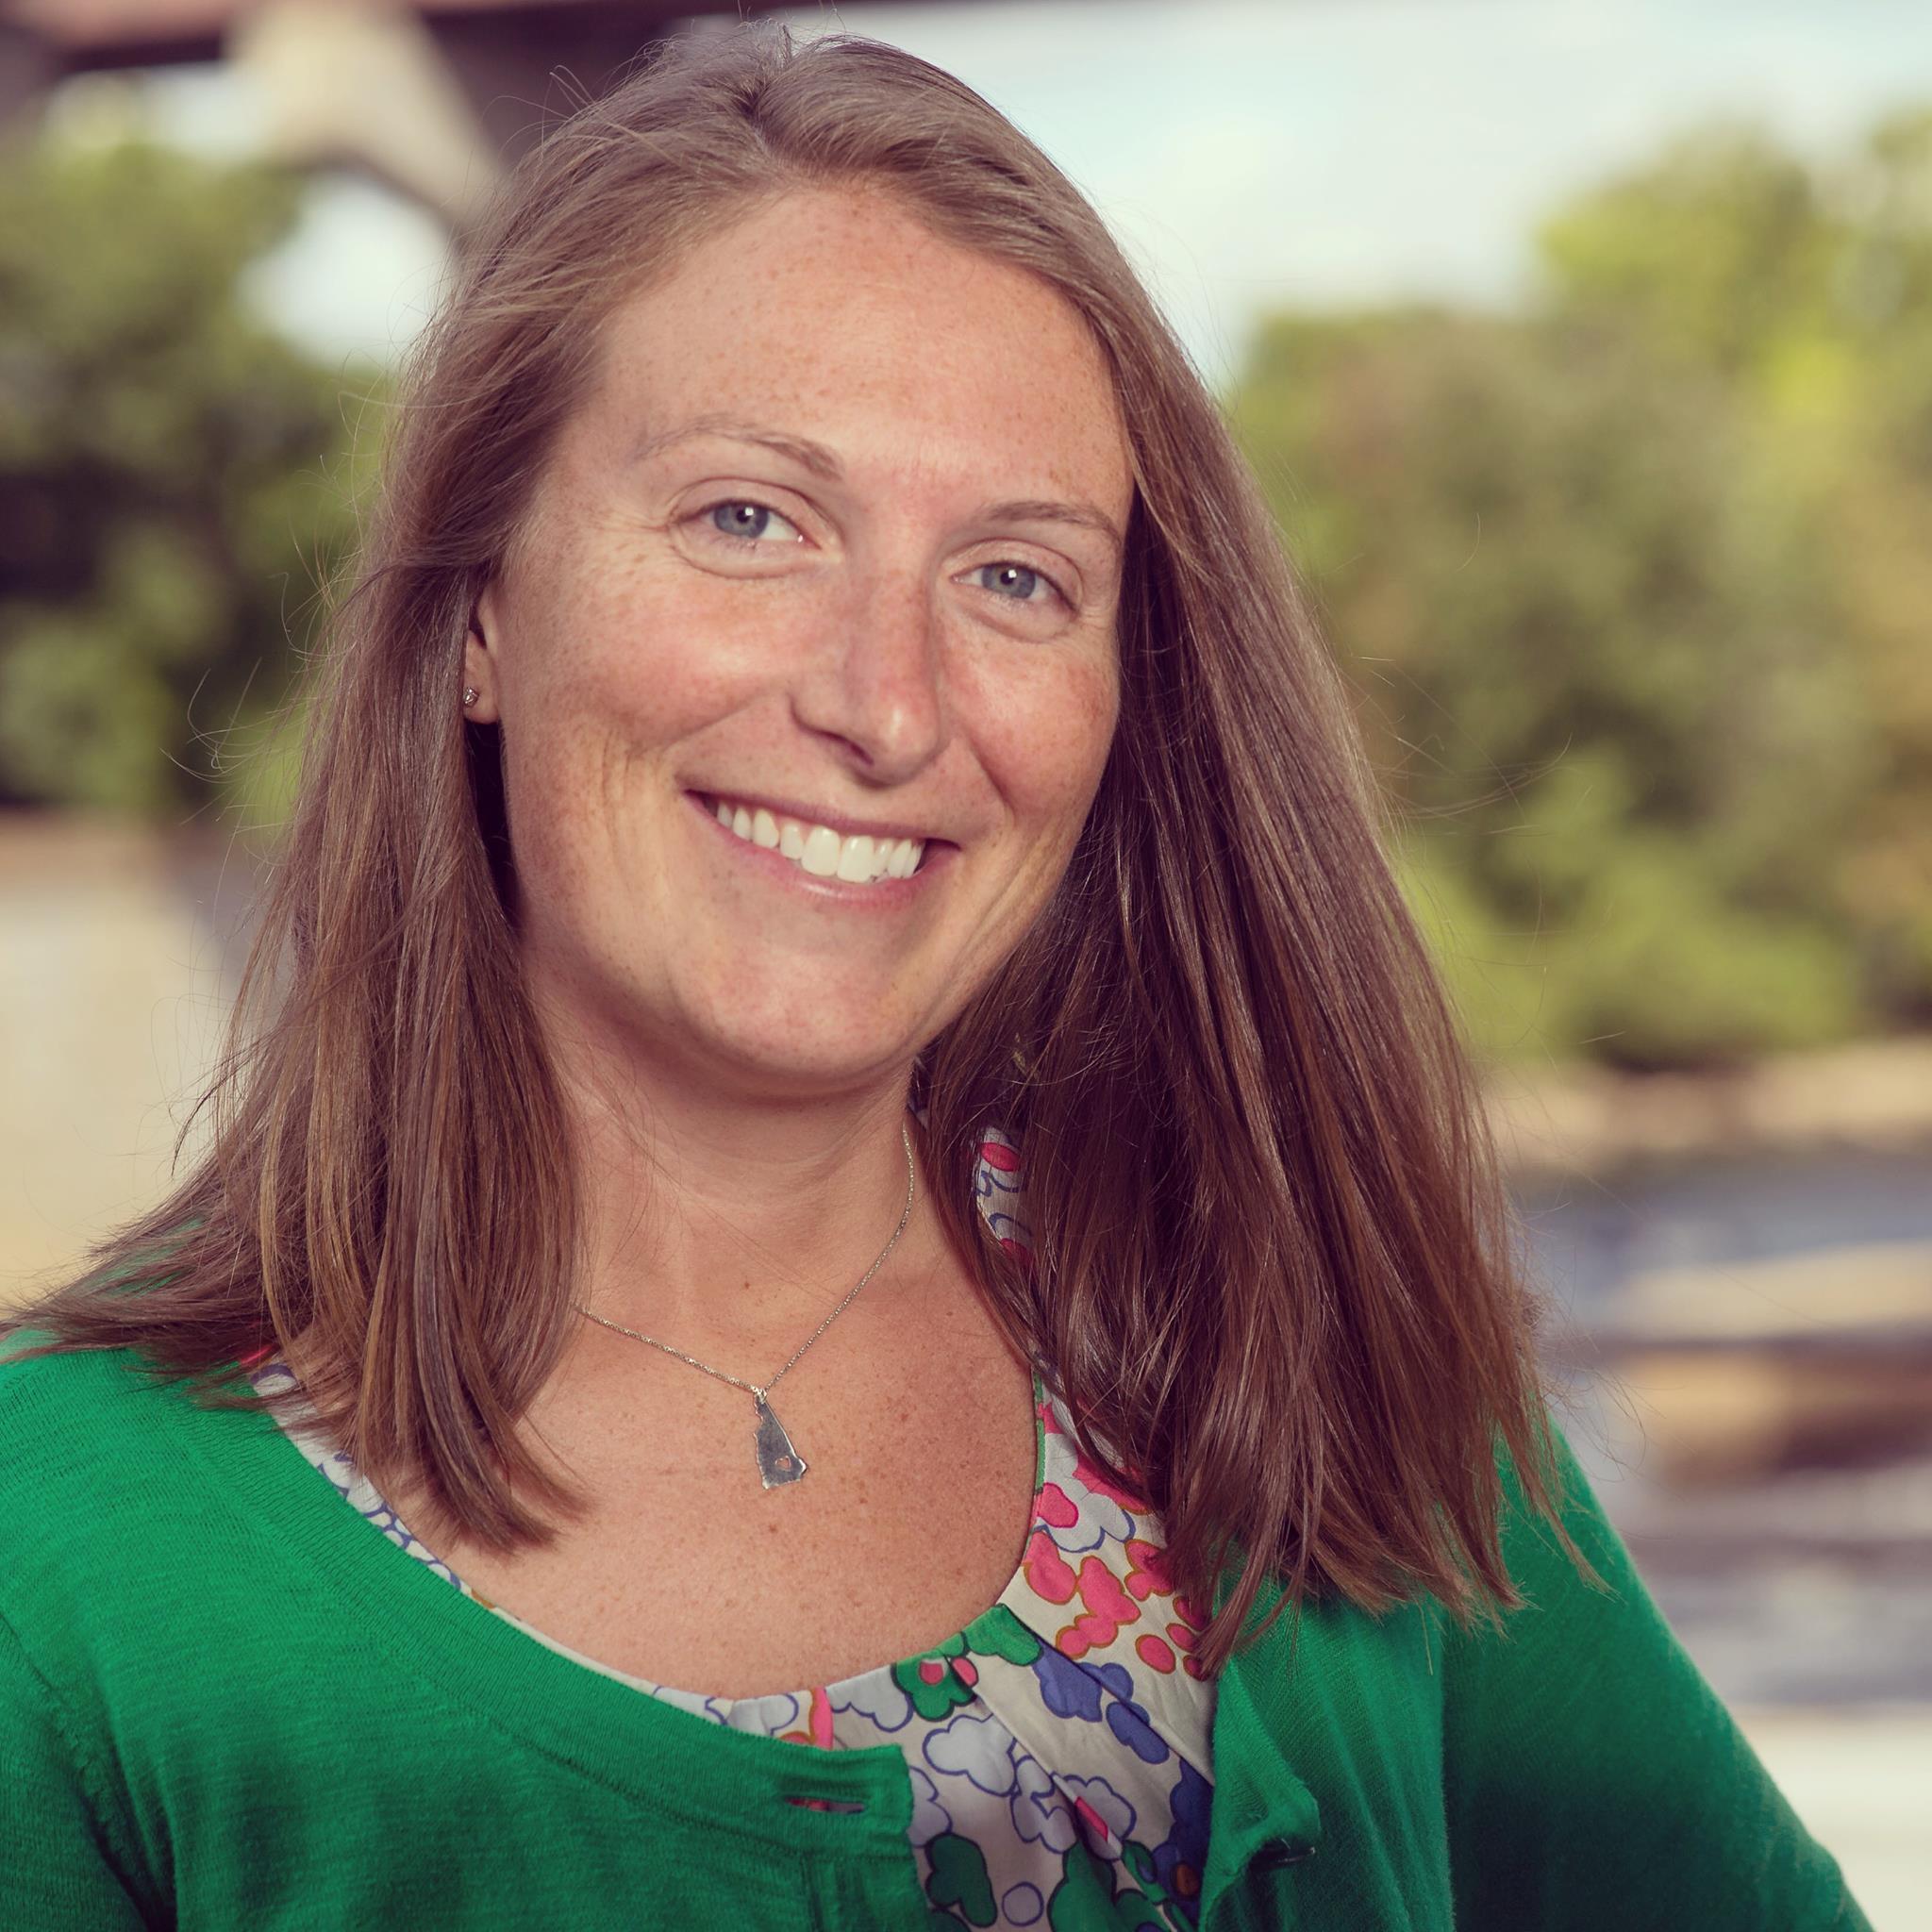 Kate Luczko